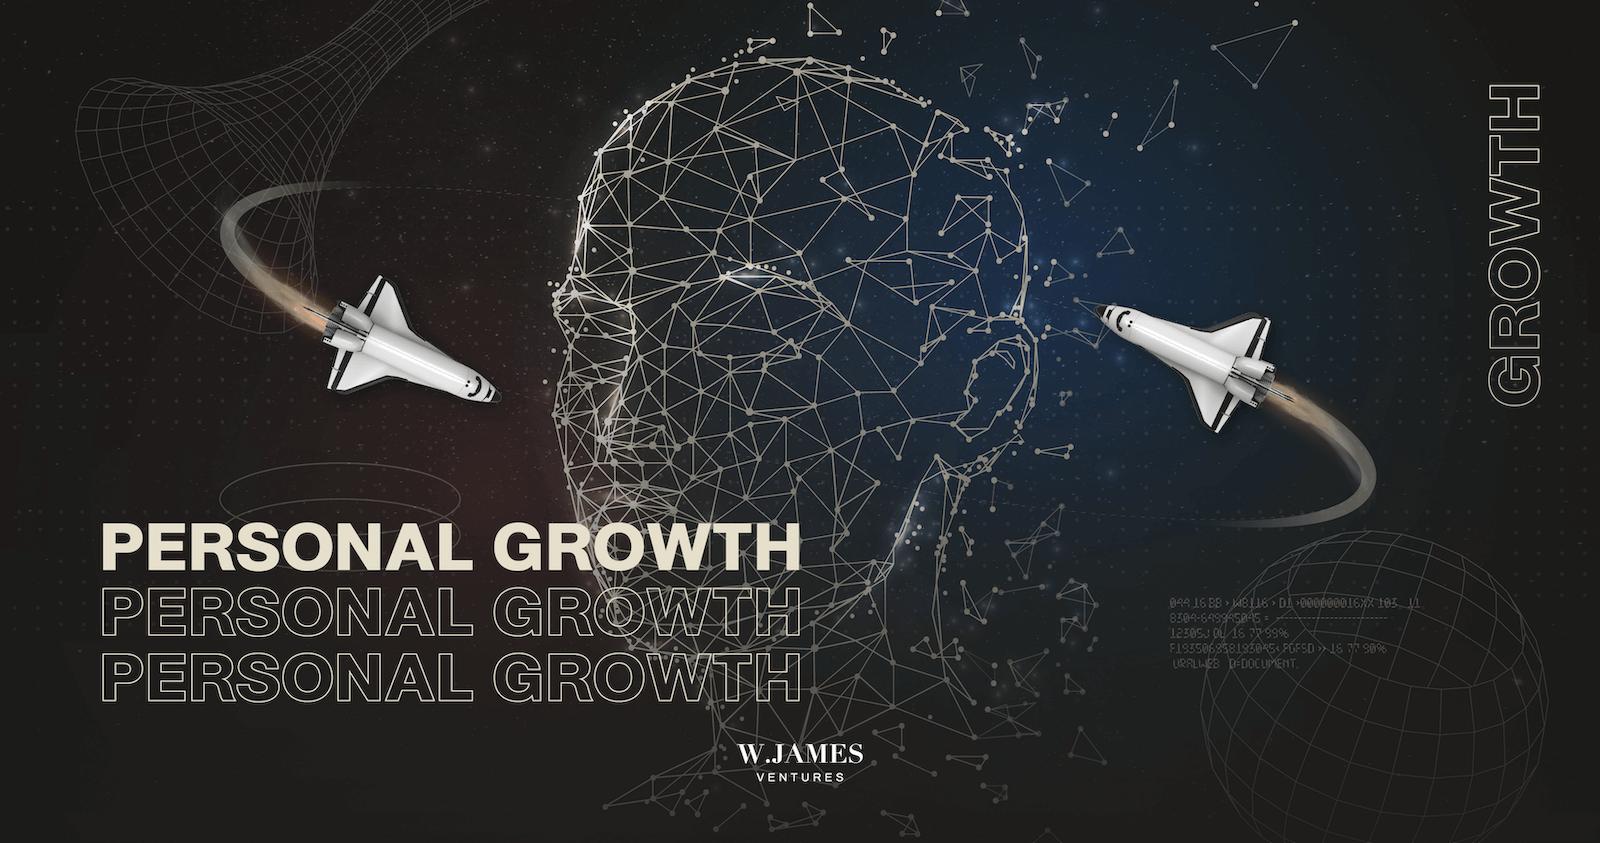 Personal Growth เริ่มต้นสร้างการเติบโตให้ตัวอย่างอย่างง่ายๆ